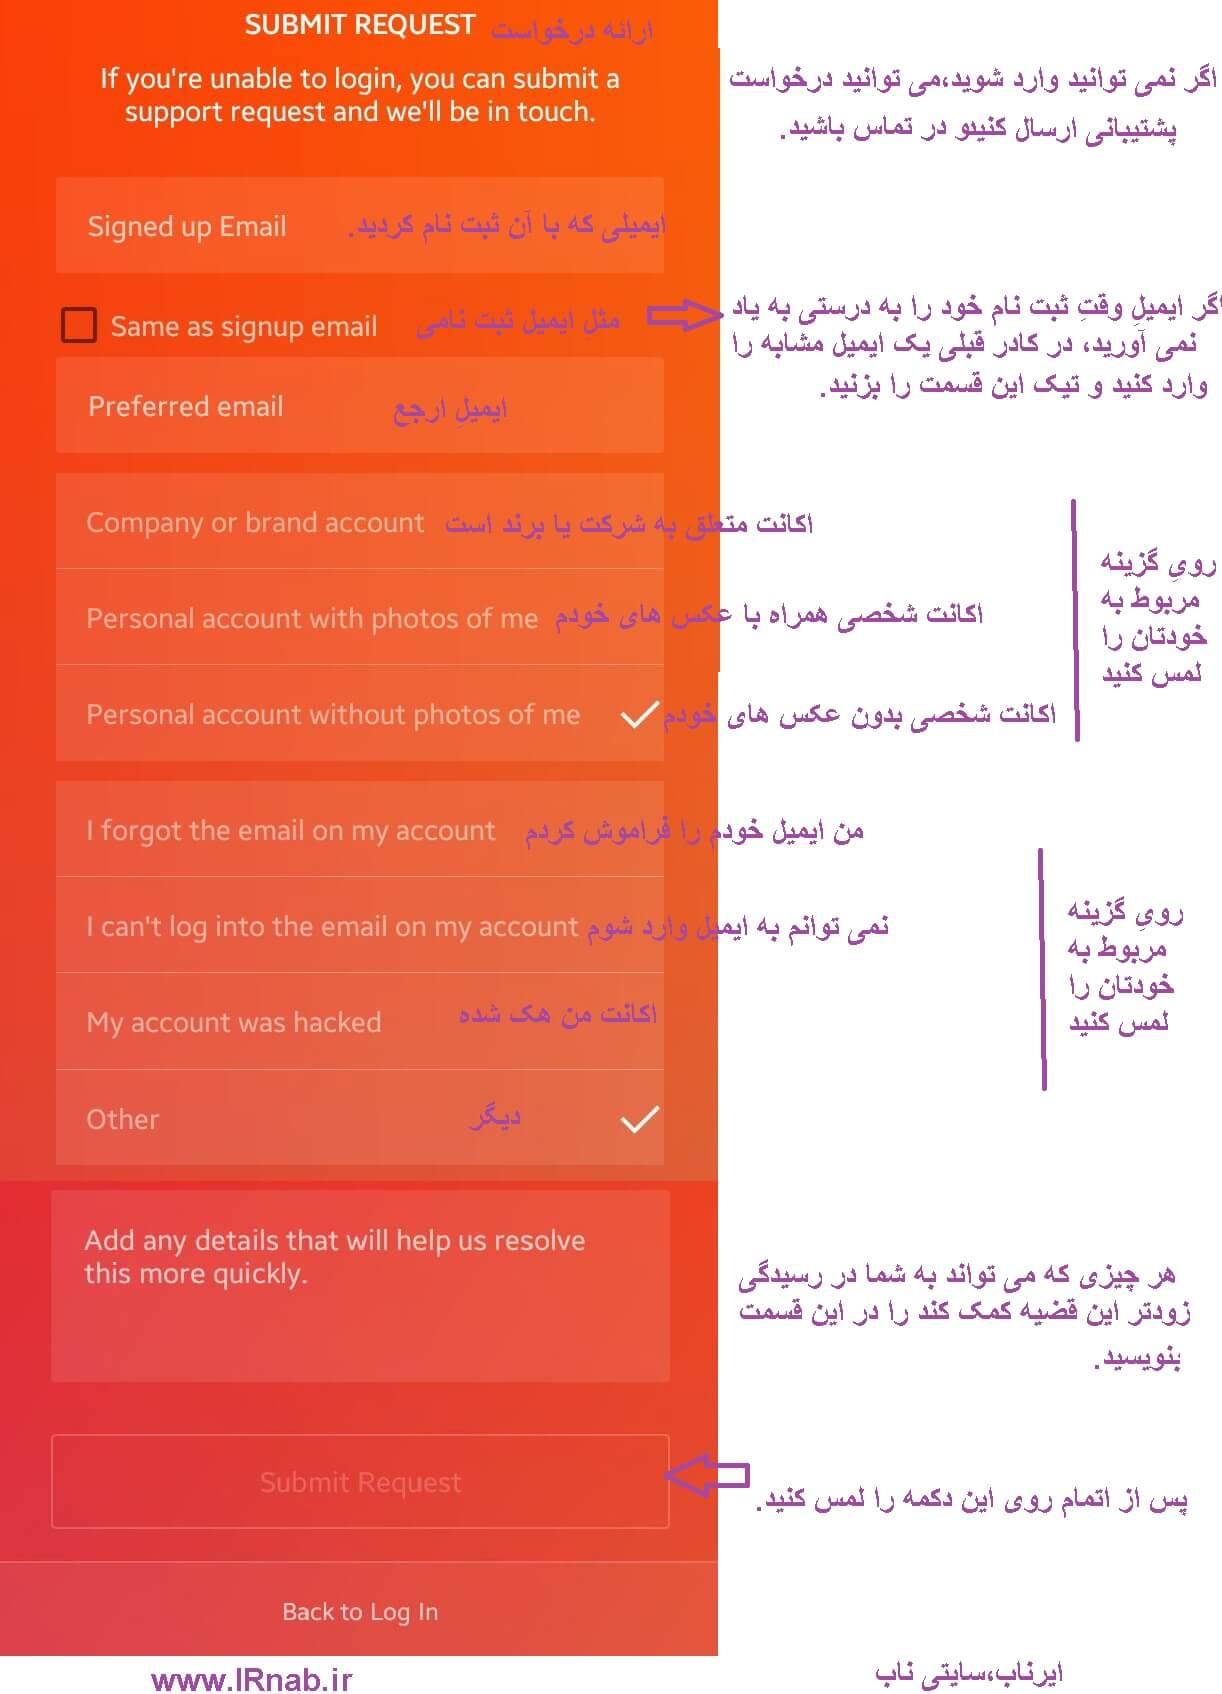 instagram hacked www irnab ir اکانت اینستاگرامم هک شده + آموزش پس گرفتن اکانت اینستاگرام